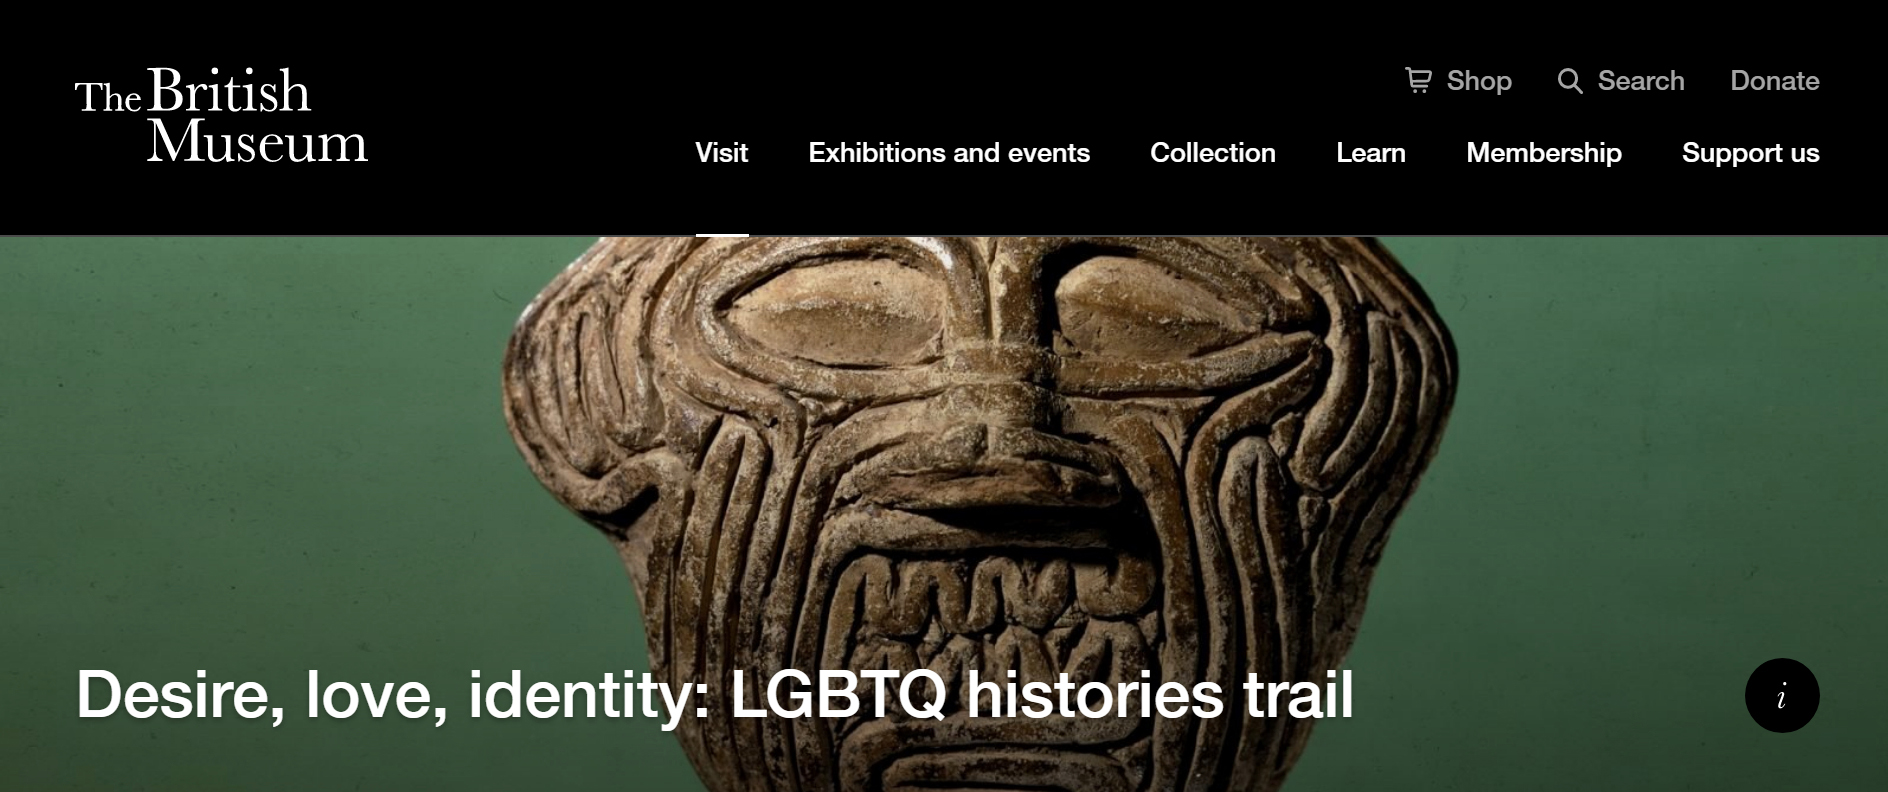 大英博物館的彩虹之旅:探索展品背後的同志愛欲 (上)